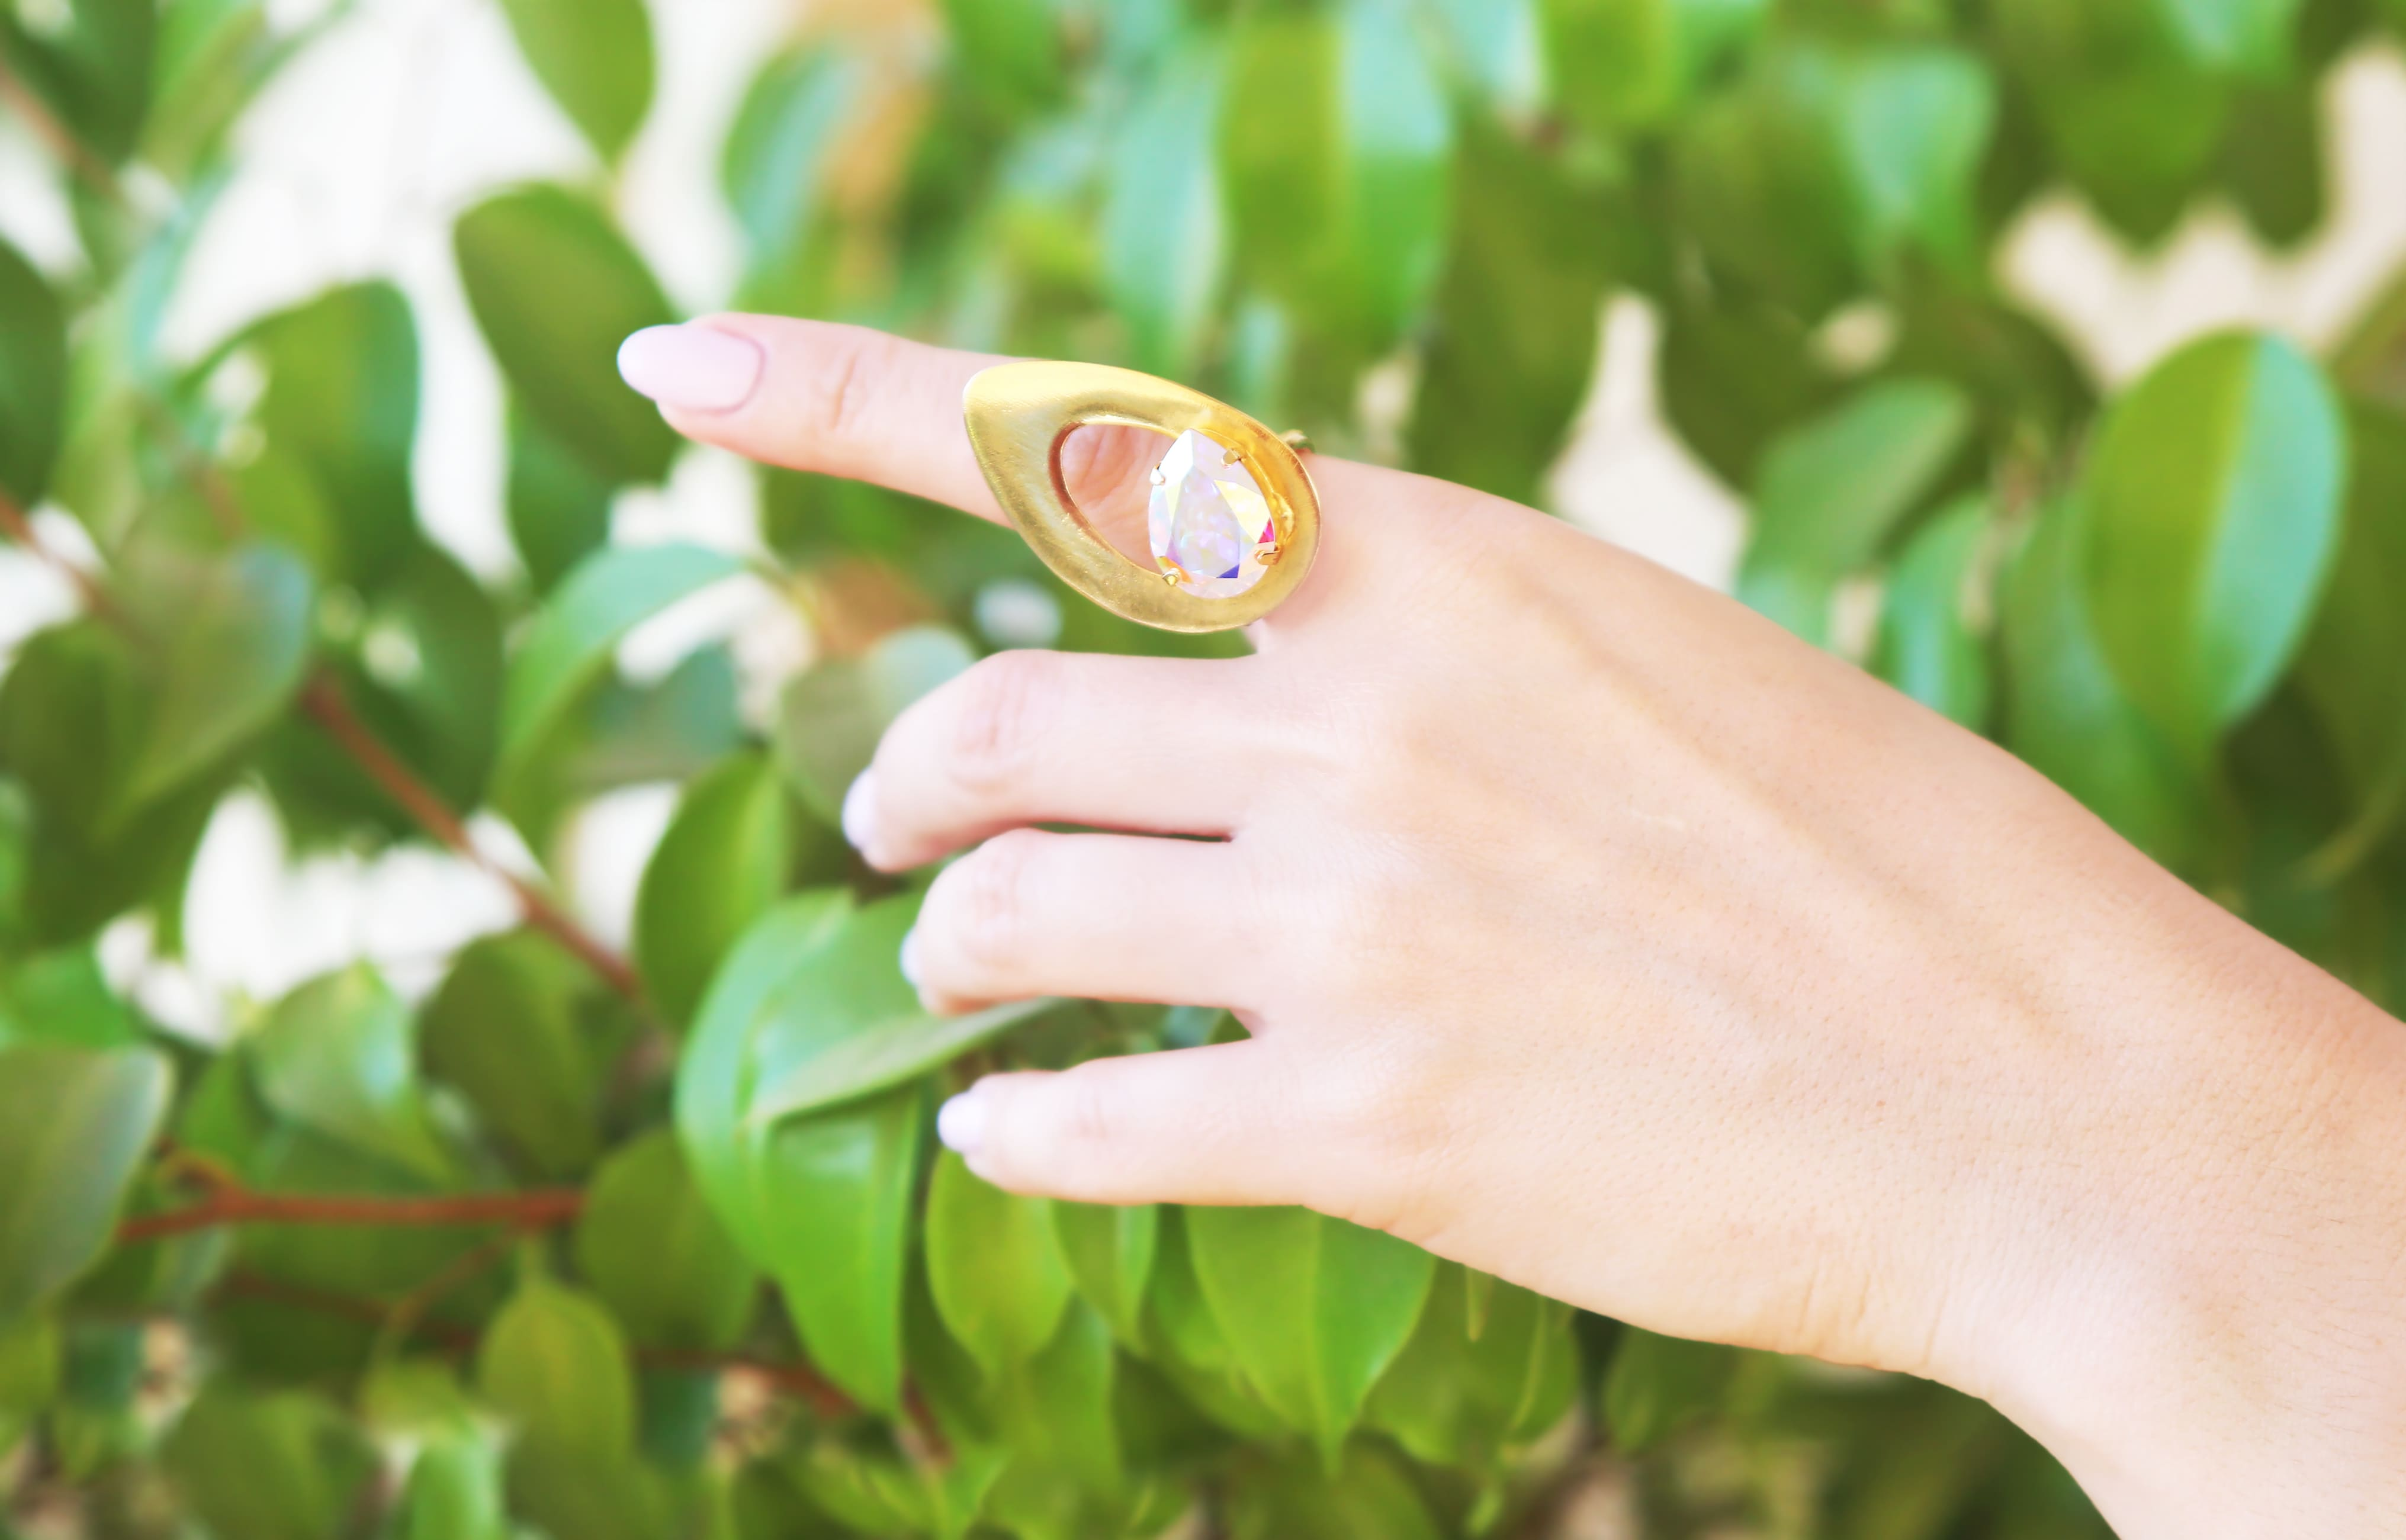 Imagem de uma mulher com um anel folheado para inspirar os empreendedores que desejam abrir uma loja de joias folheadas